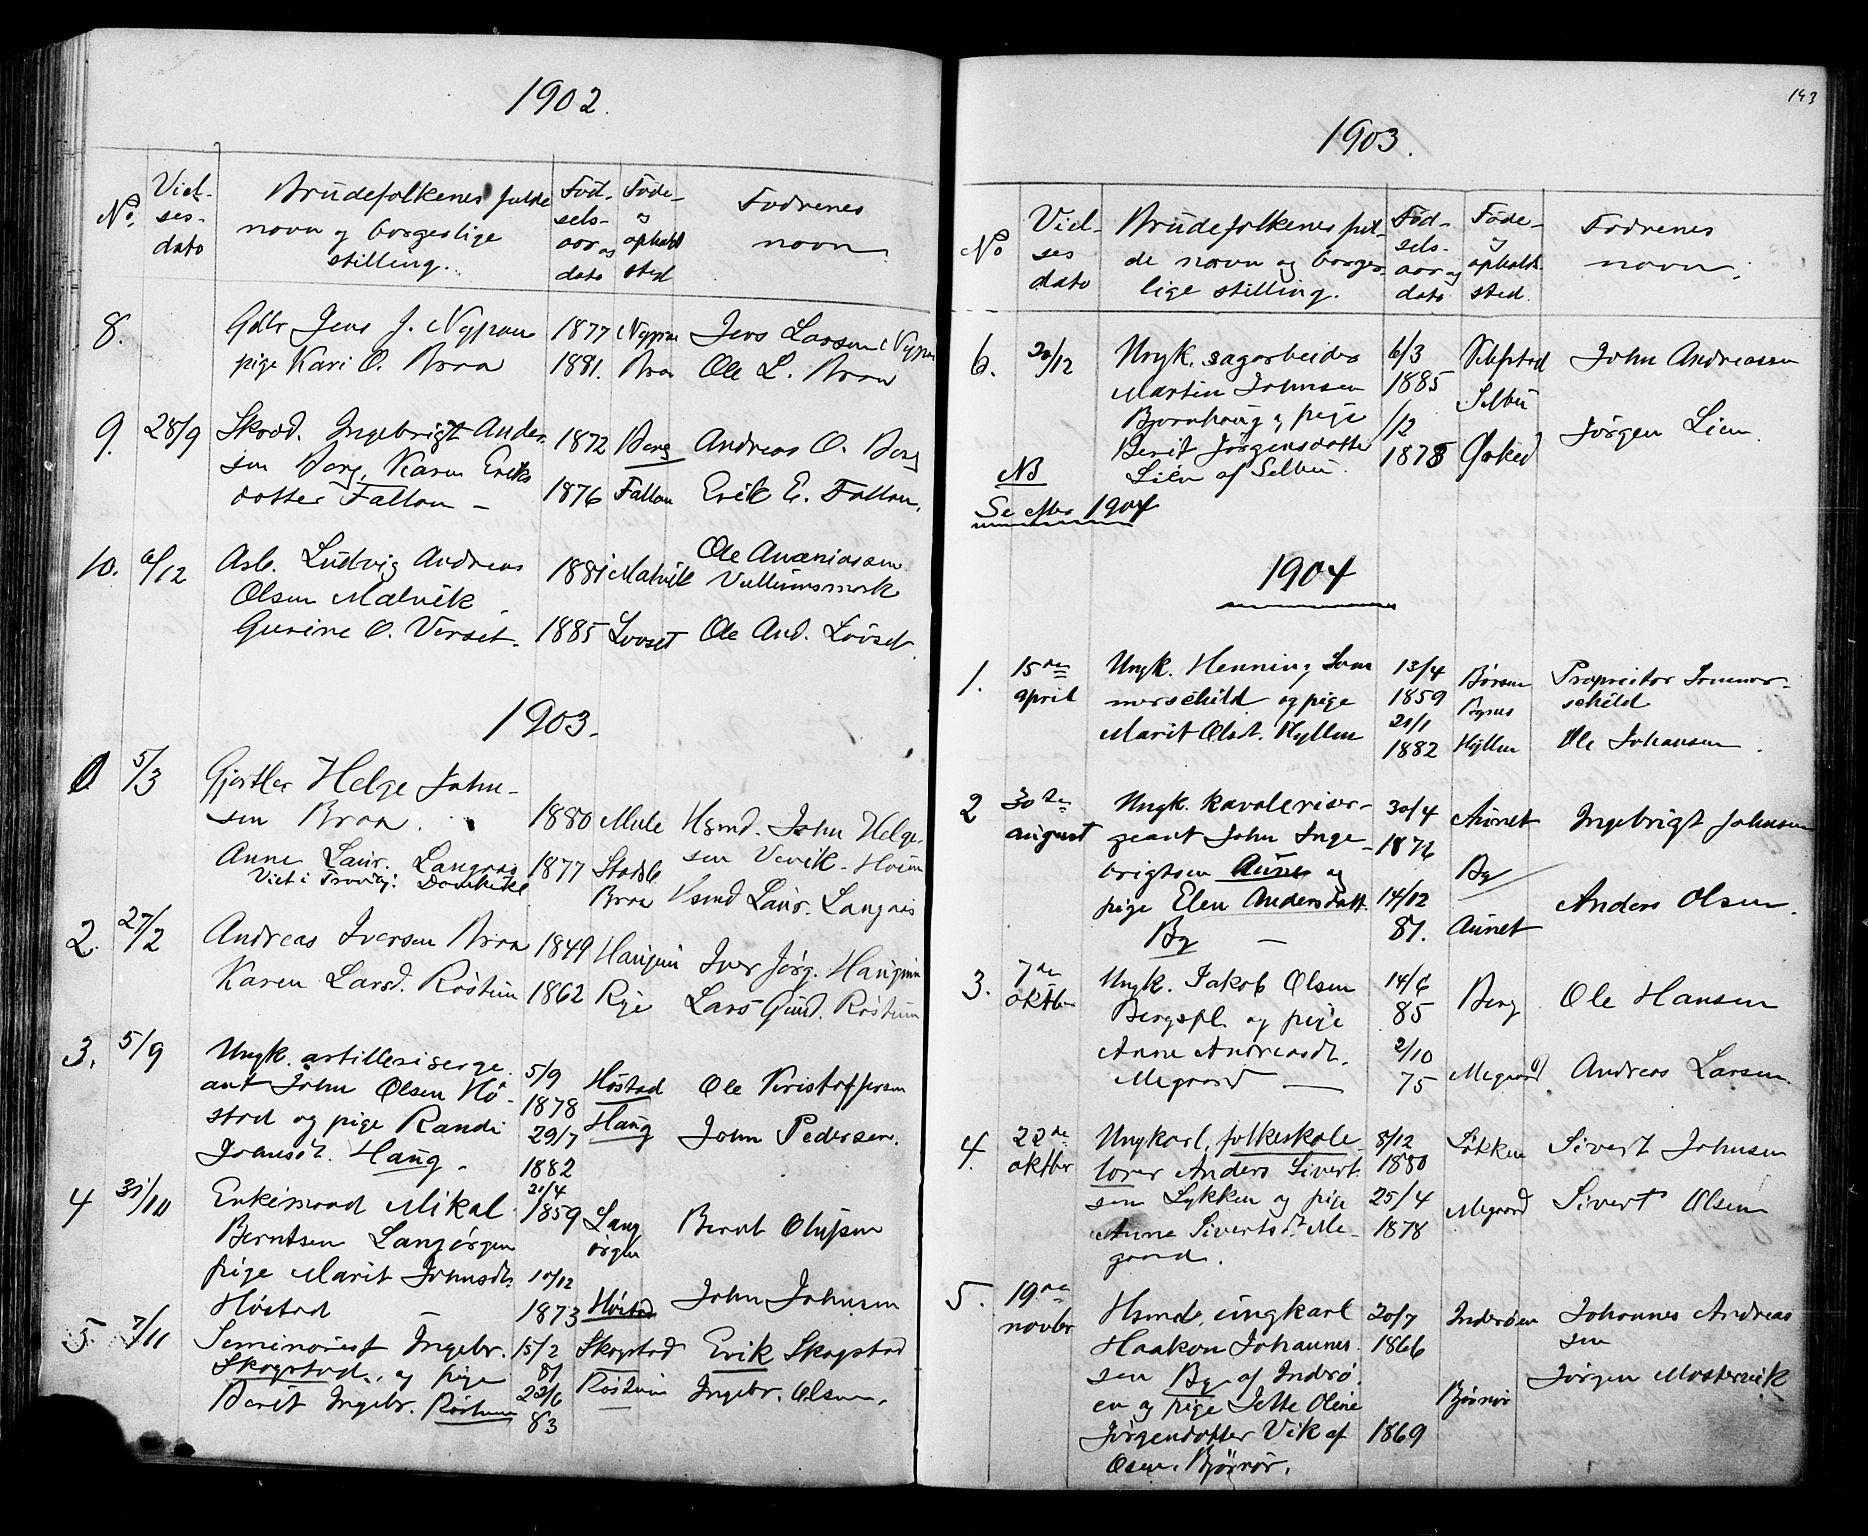 SAT, Ministerialprotokoller, klokkerbøker og fødselsregistre - Sør-Trøndelag, 612/L0387: Klokkerbok nr. 612C03, 1874-1908, s. 193